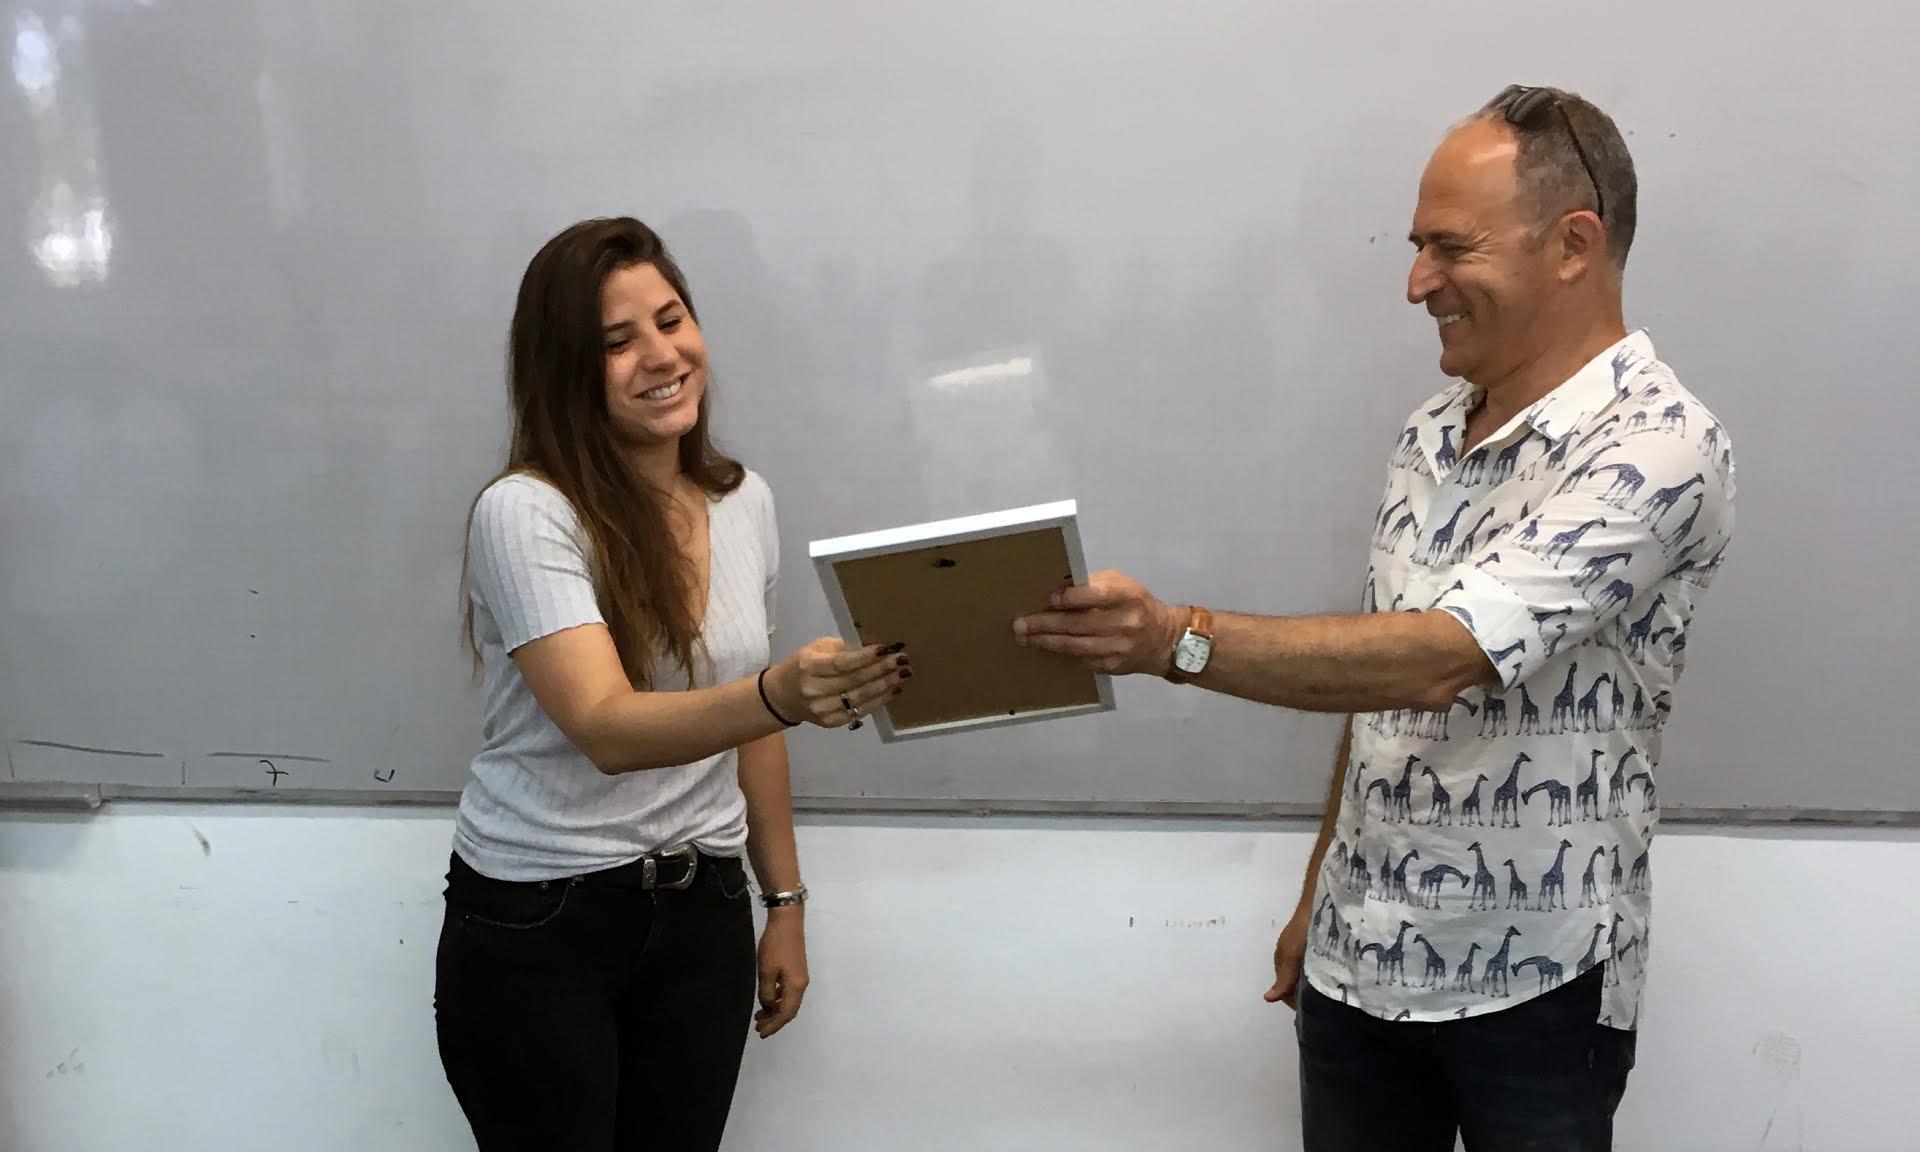 אדר בן נון - מעצבת מטקת המאבק במוצרי עור - שנקר הנדסאים